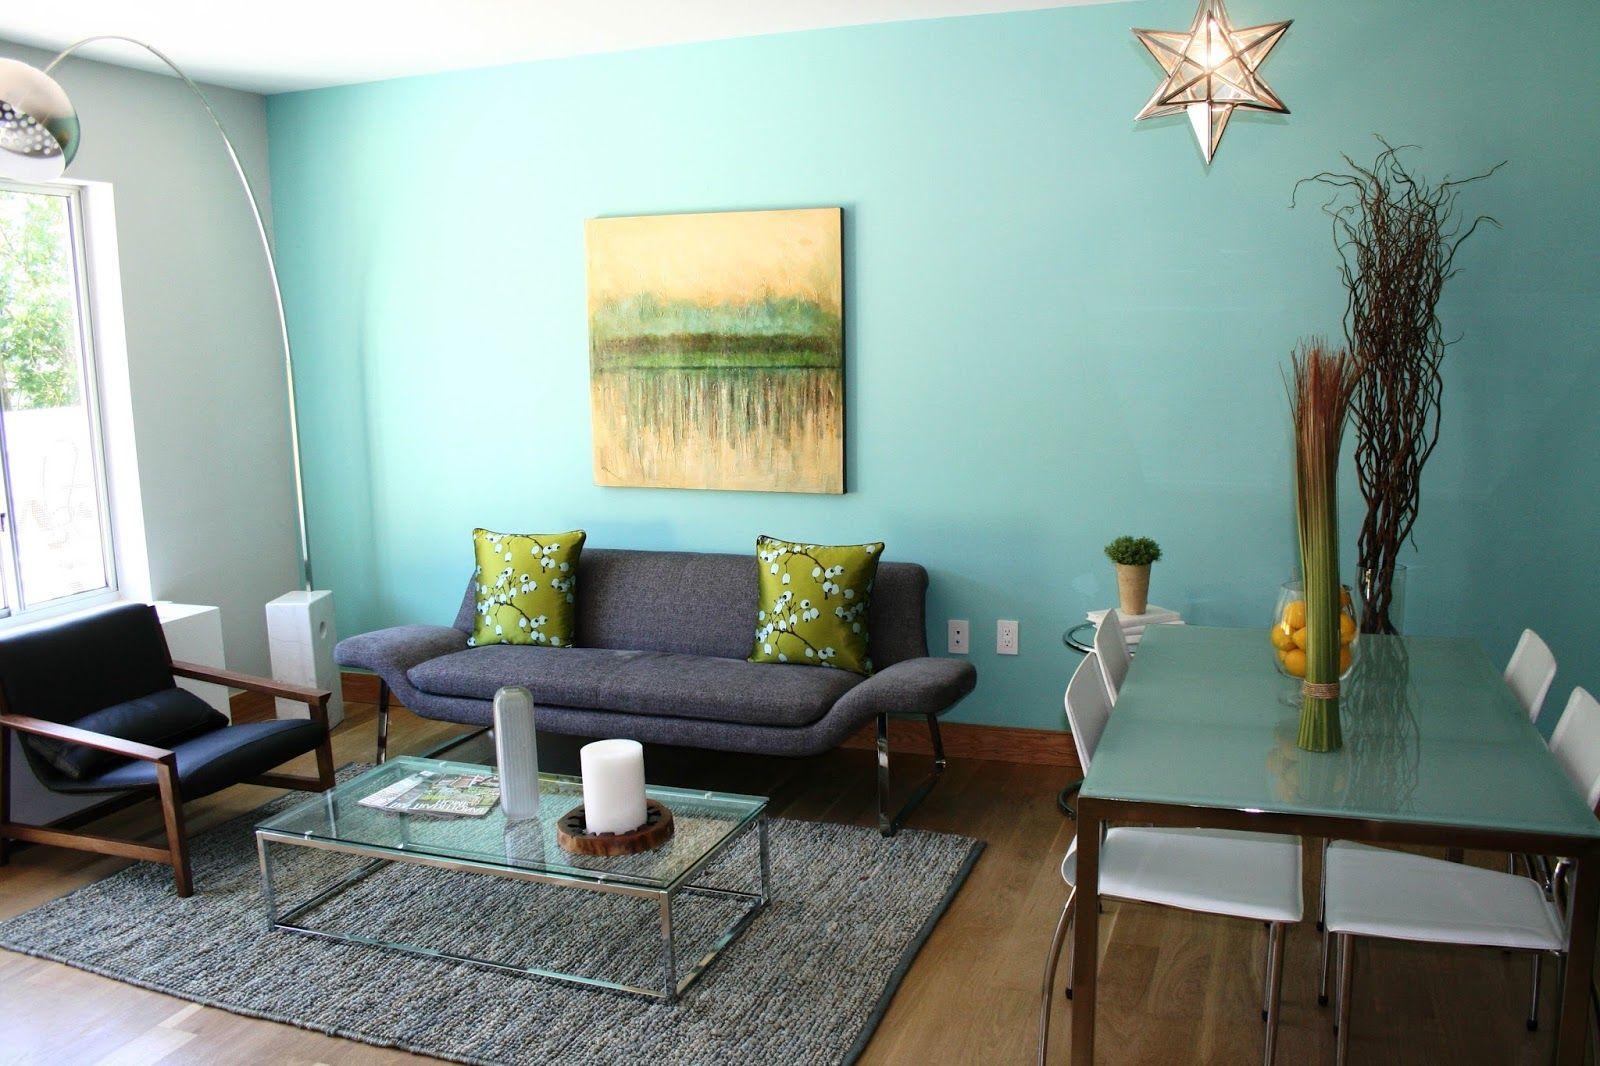 Warna Cat Dinding Ruang Tamu Yang Bagus  Desainrumahidcom